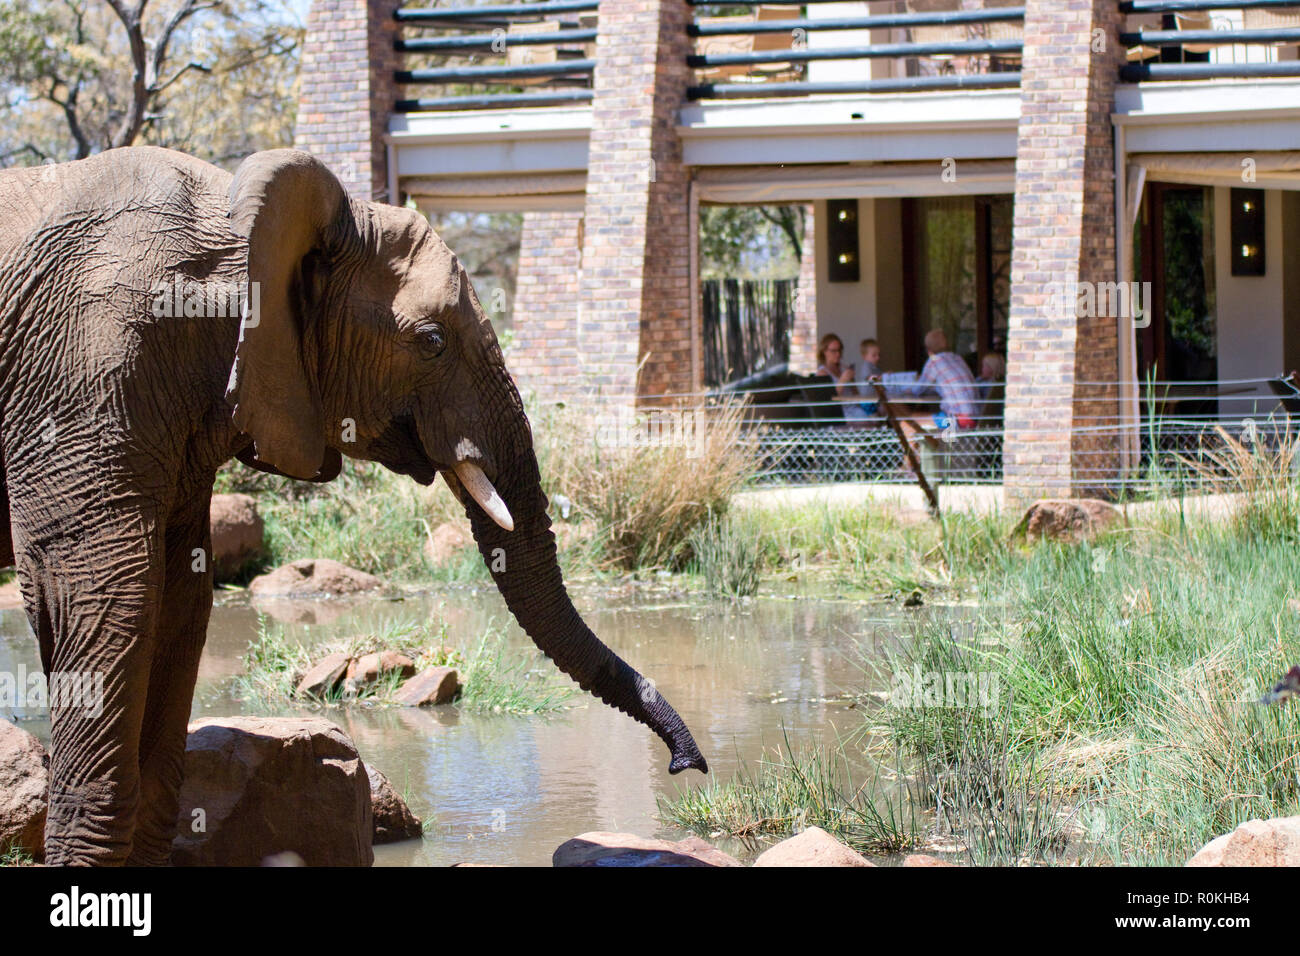 Elephant drinking outside accommodation at Kwa Maritane Lodge - Stock Image